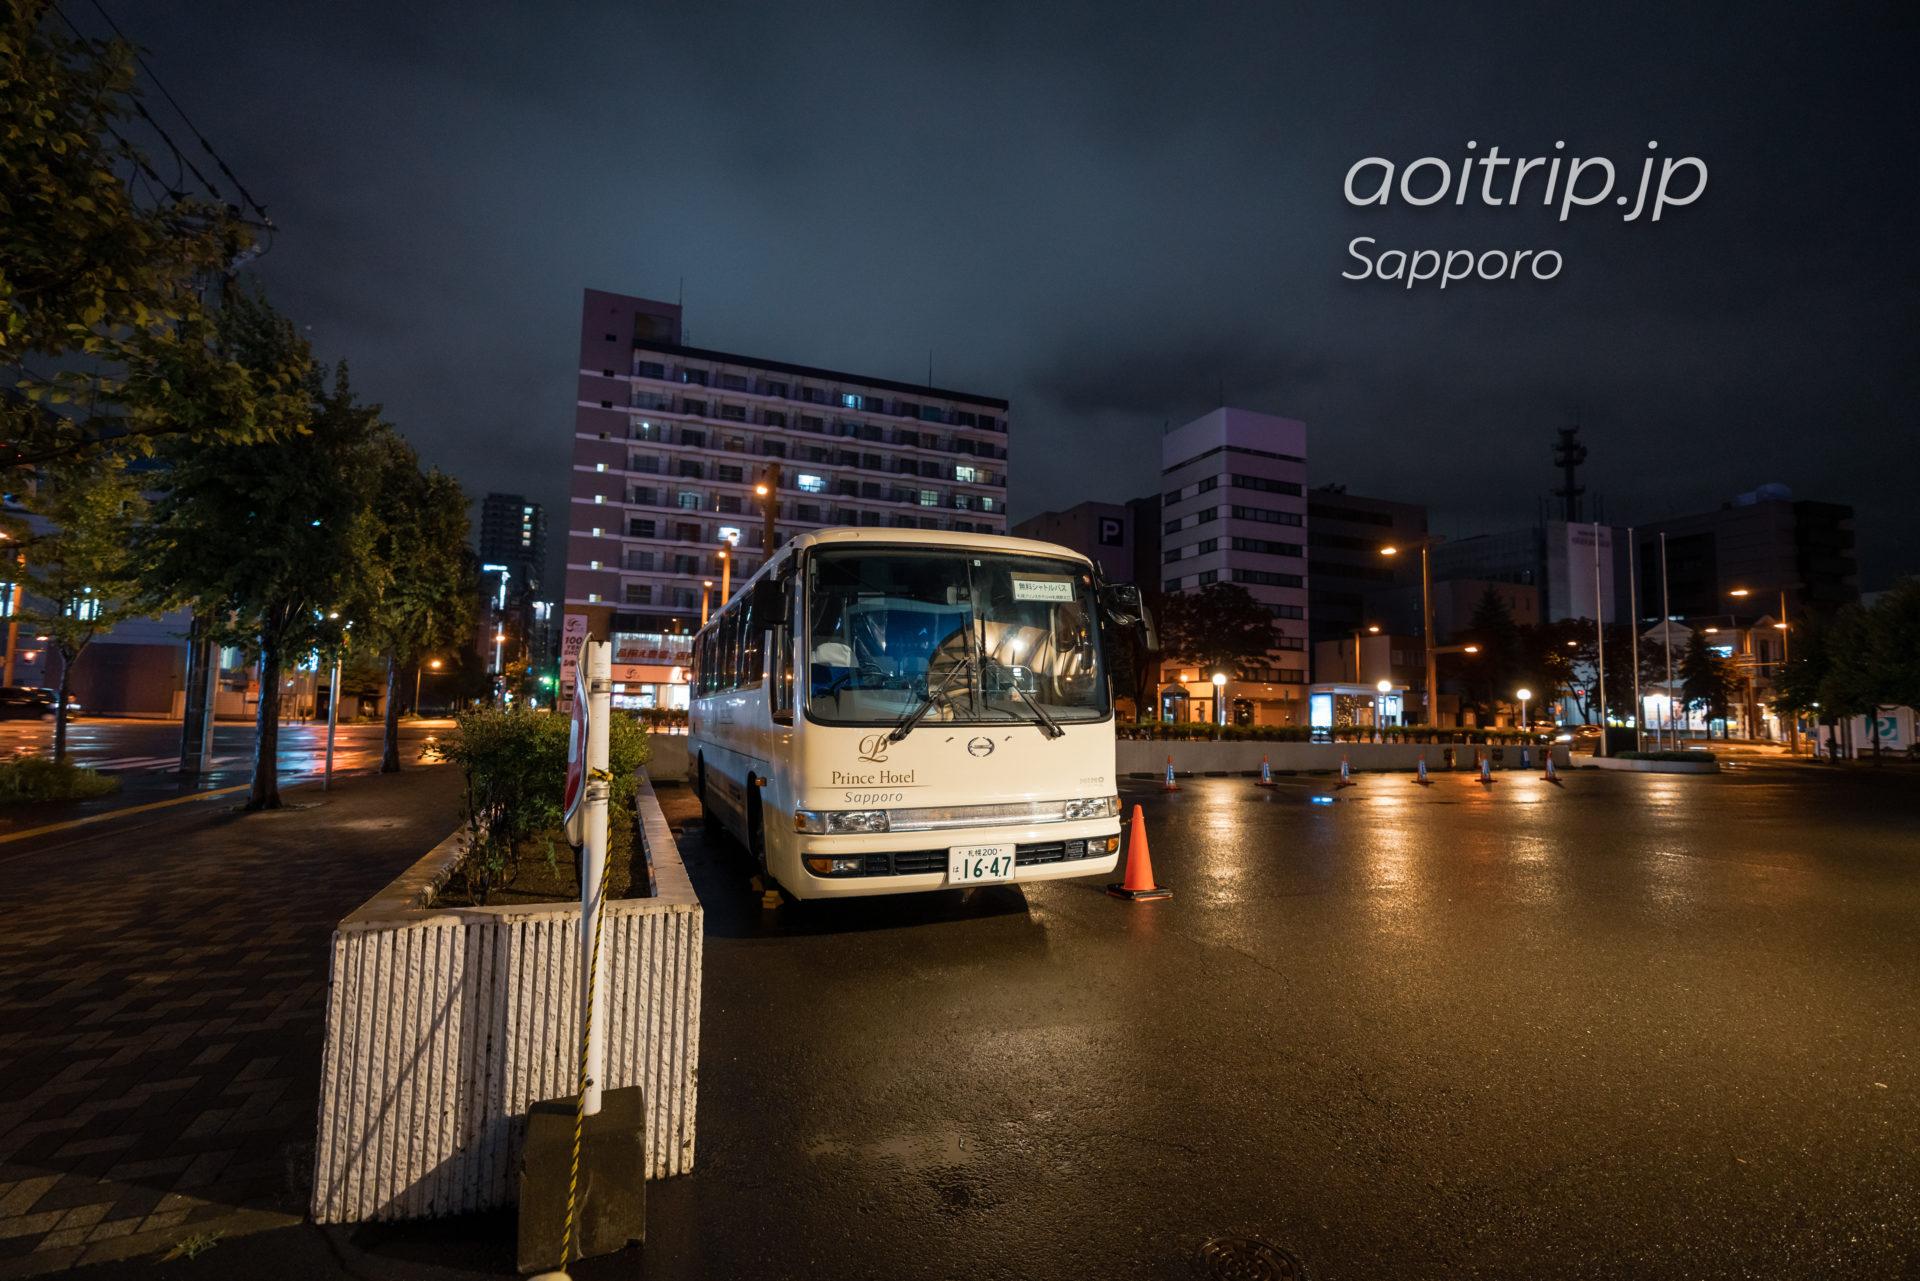 札幌プリンスホテルの無料シャトルバス